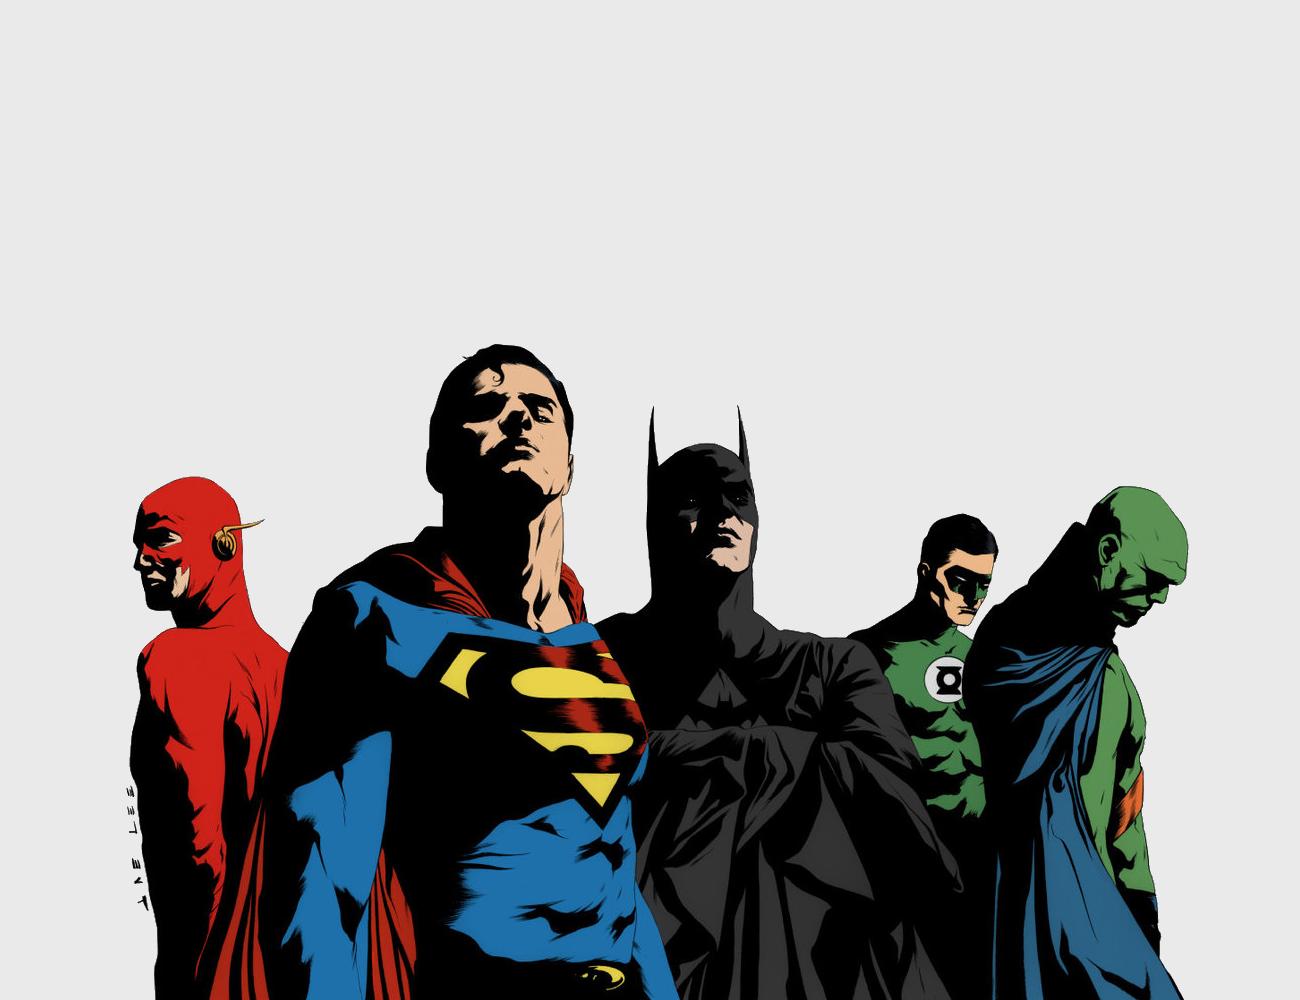 Best Wallpaper Mac Superhero - BOCxf1  2018_477534.png